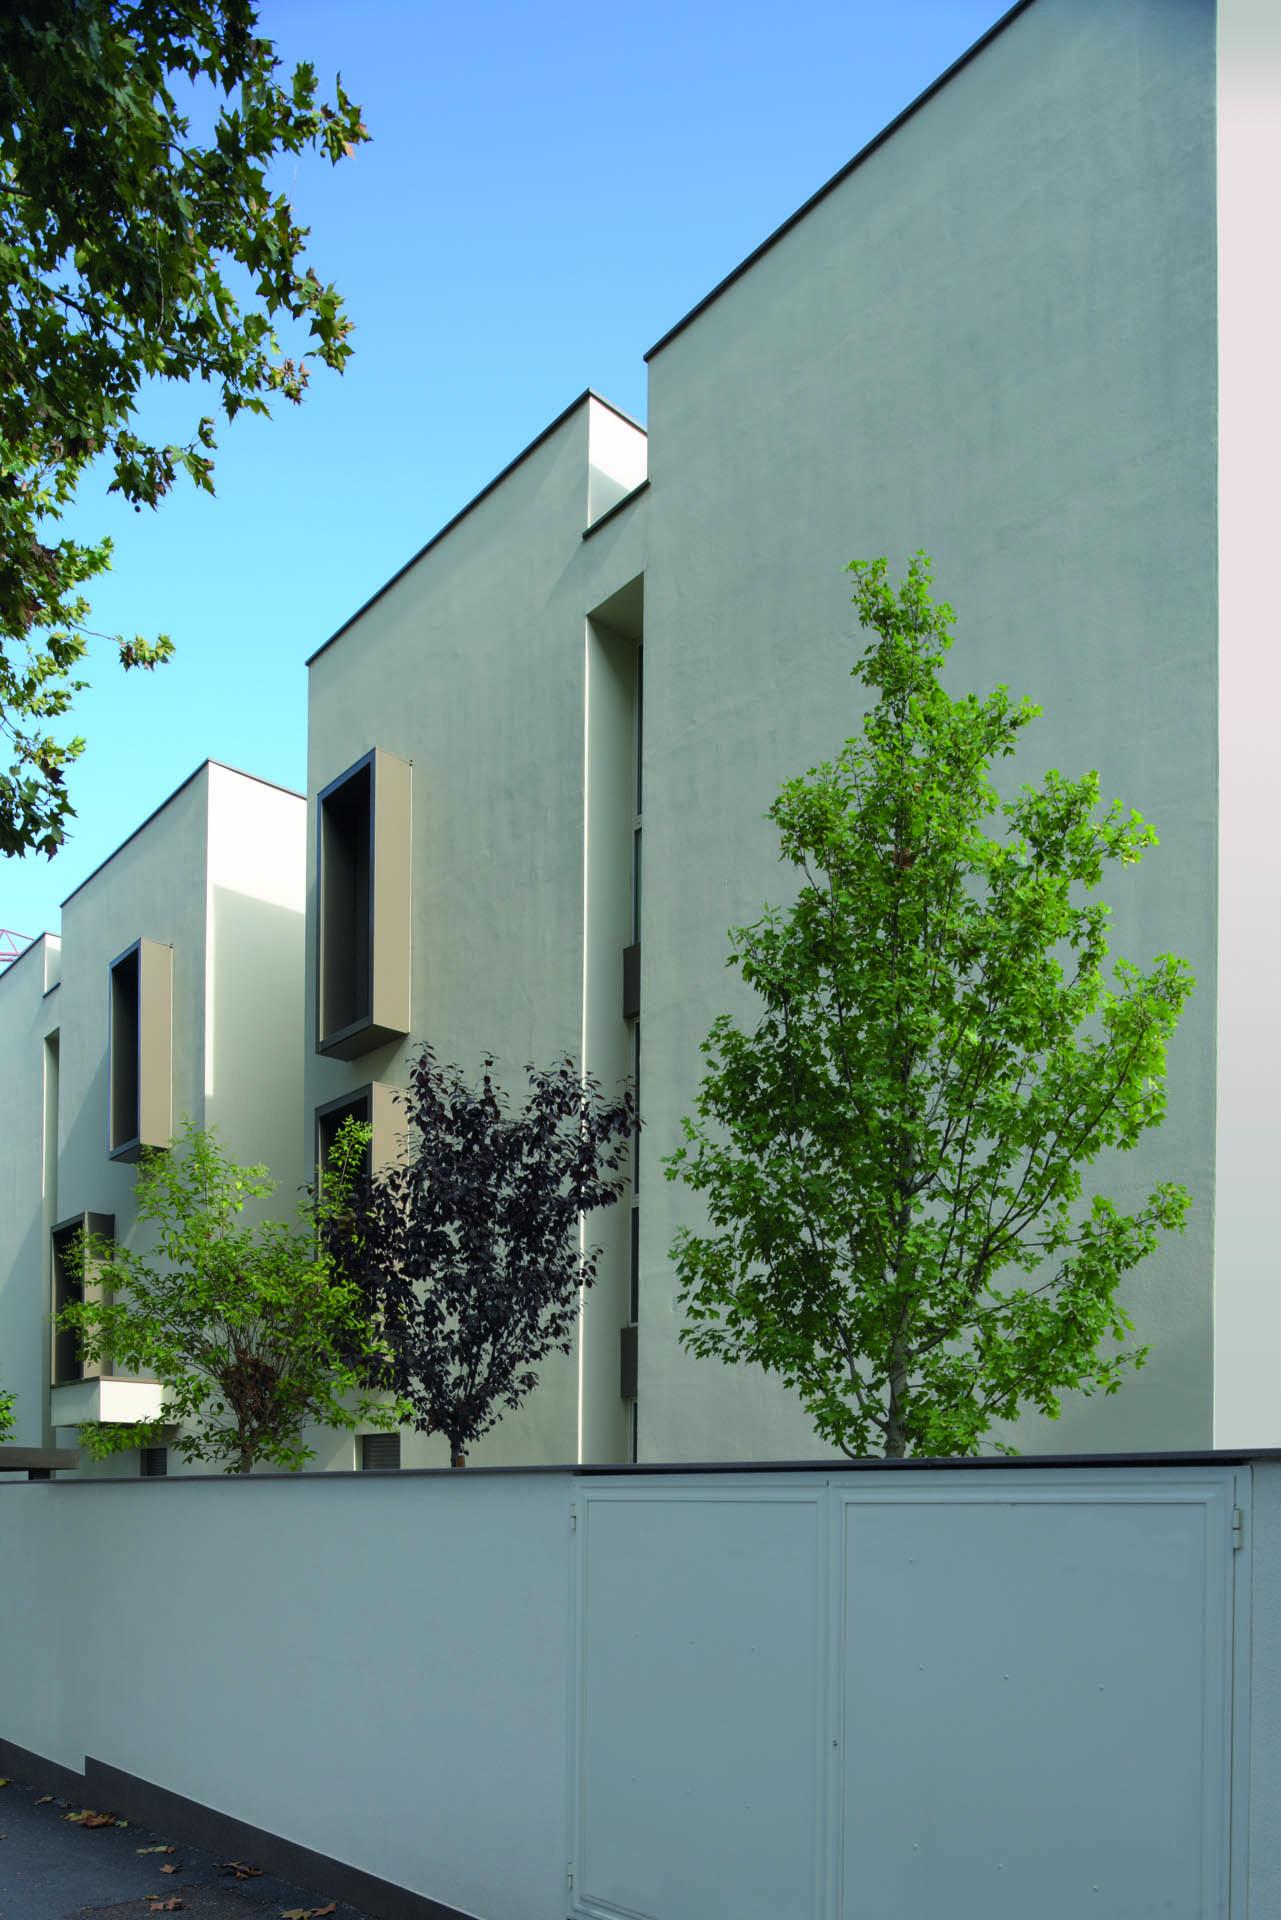 04 Studio Bacchi architetti associati condominio Davide img 04